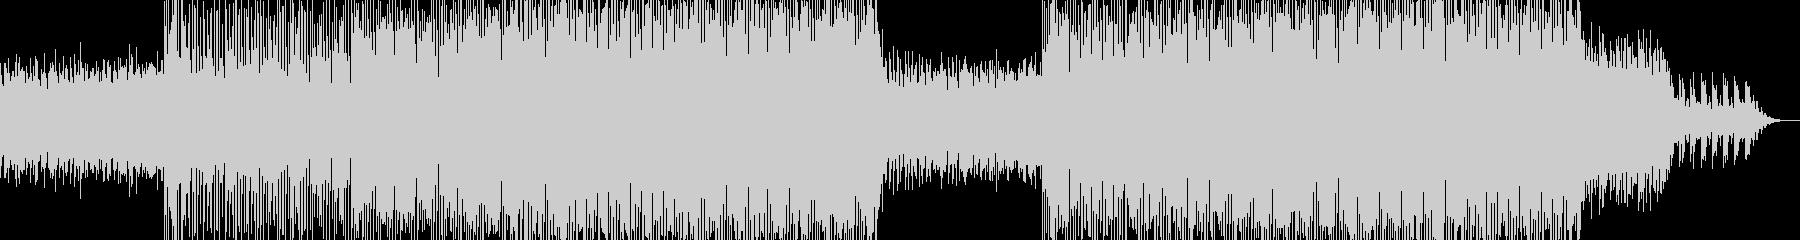 エイトビートのエレクトロ-02の未再生の波形